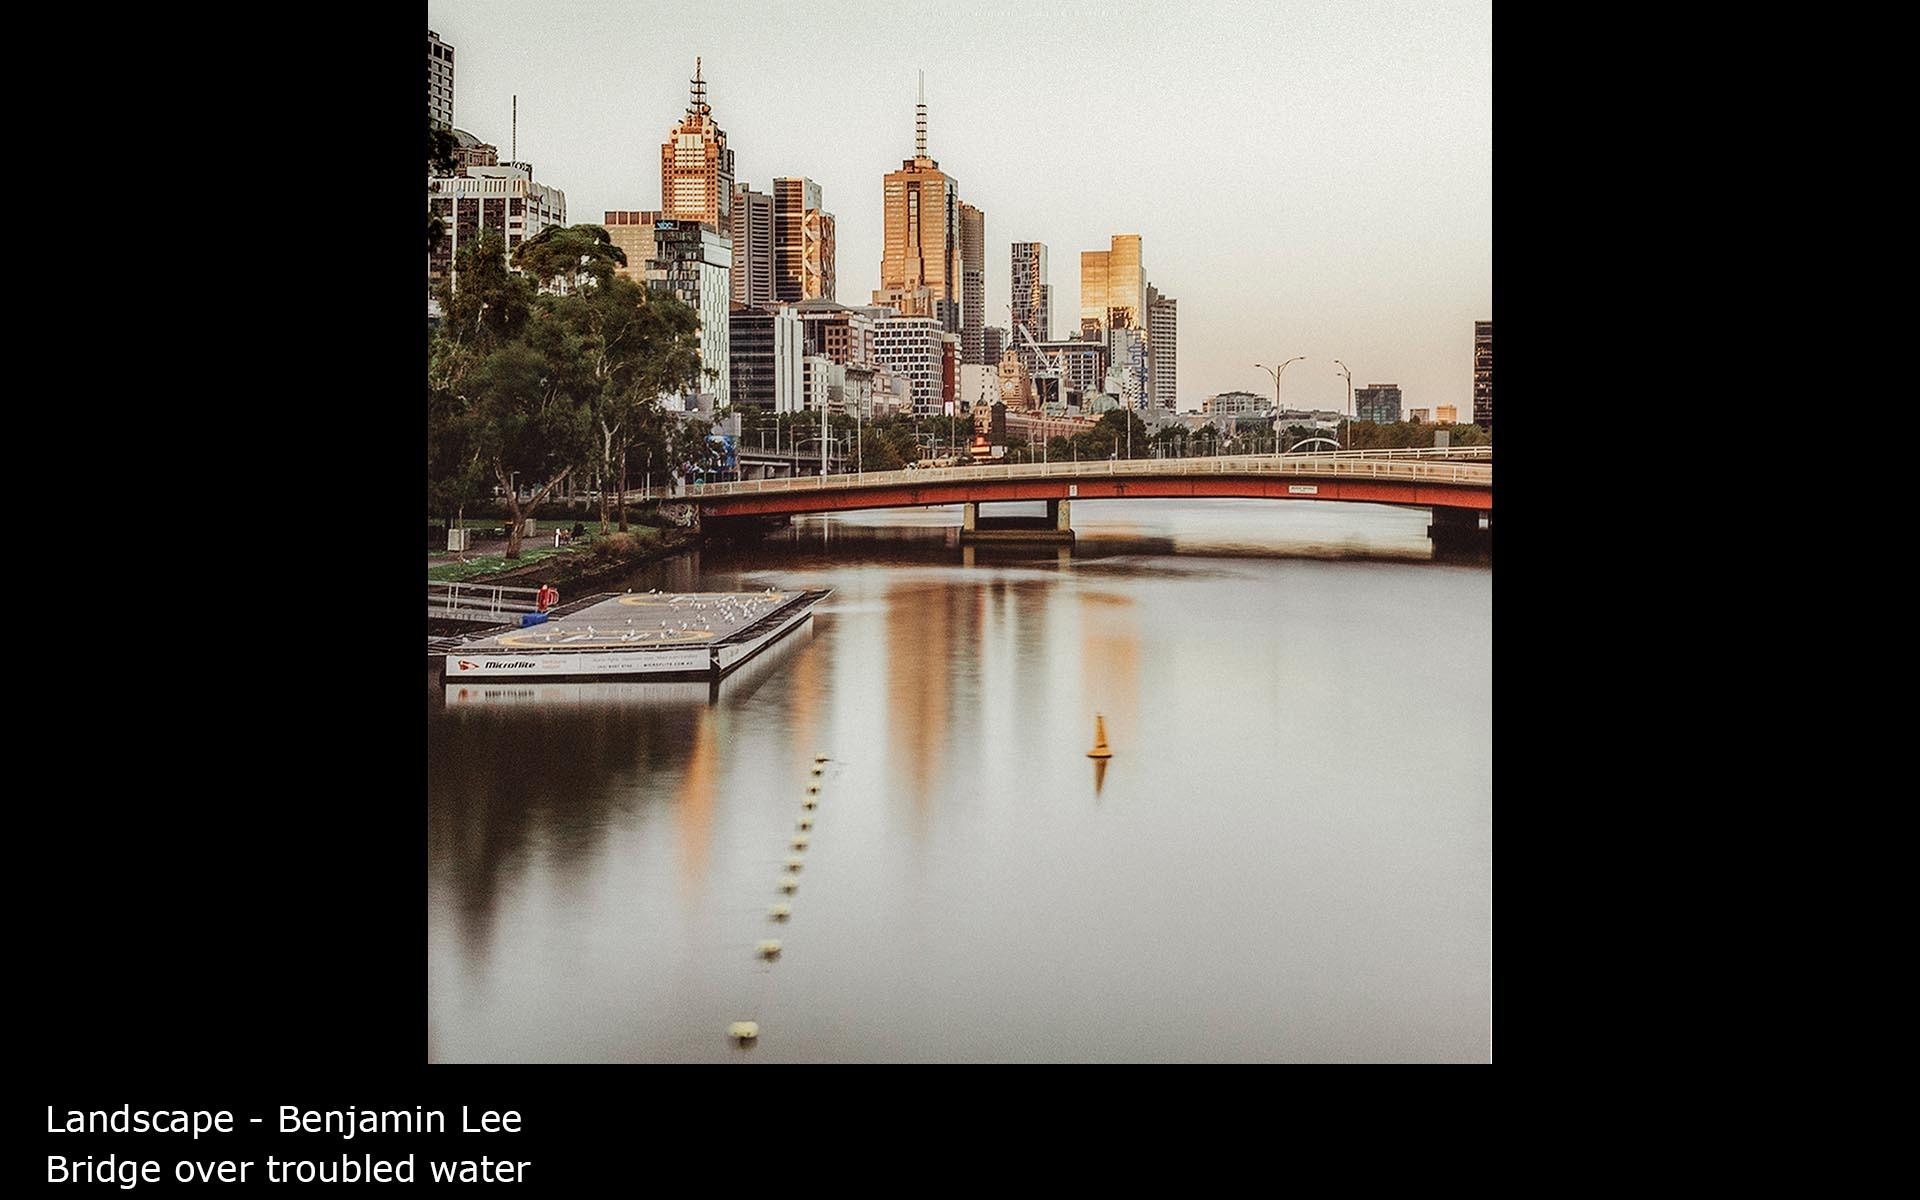 Bridge over troubled water - Benjamin Lee